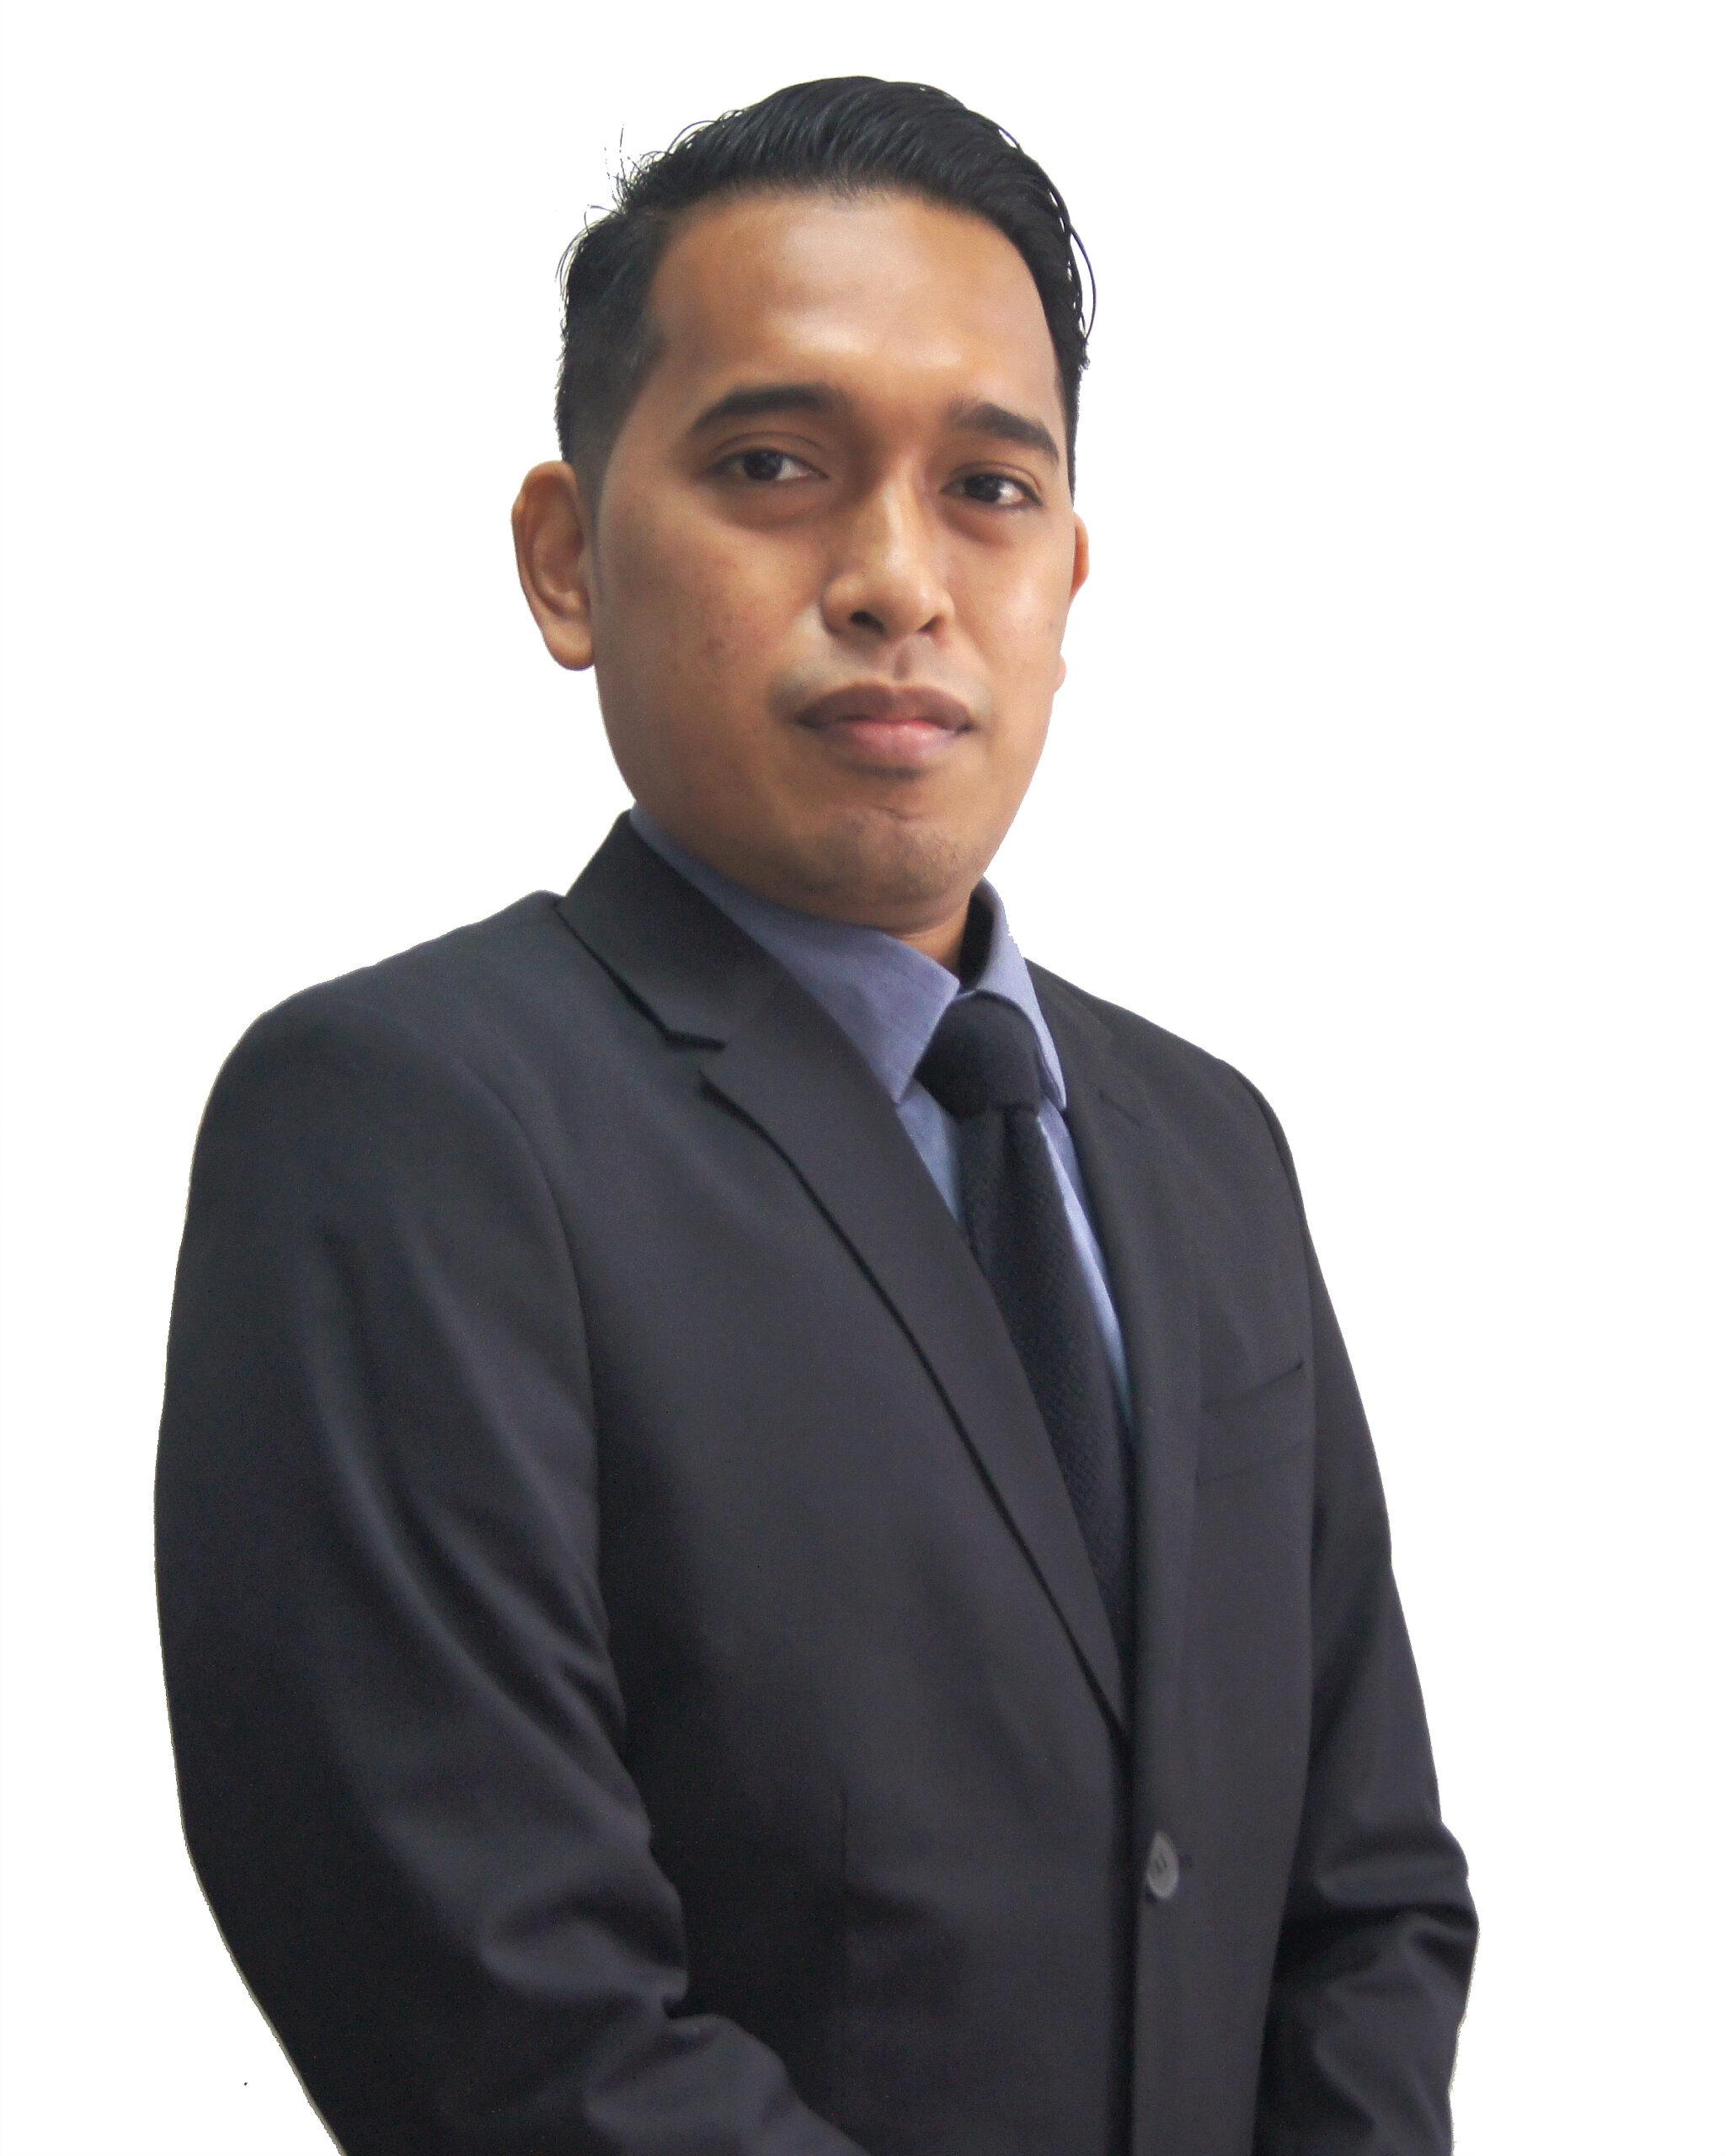 Mohd Izan Zharif Bin Kamarudin